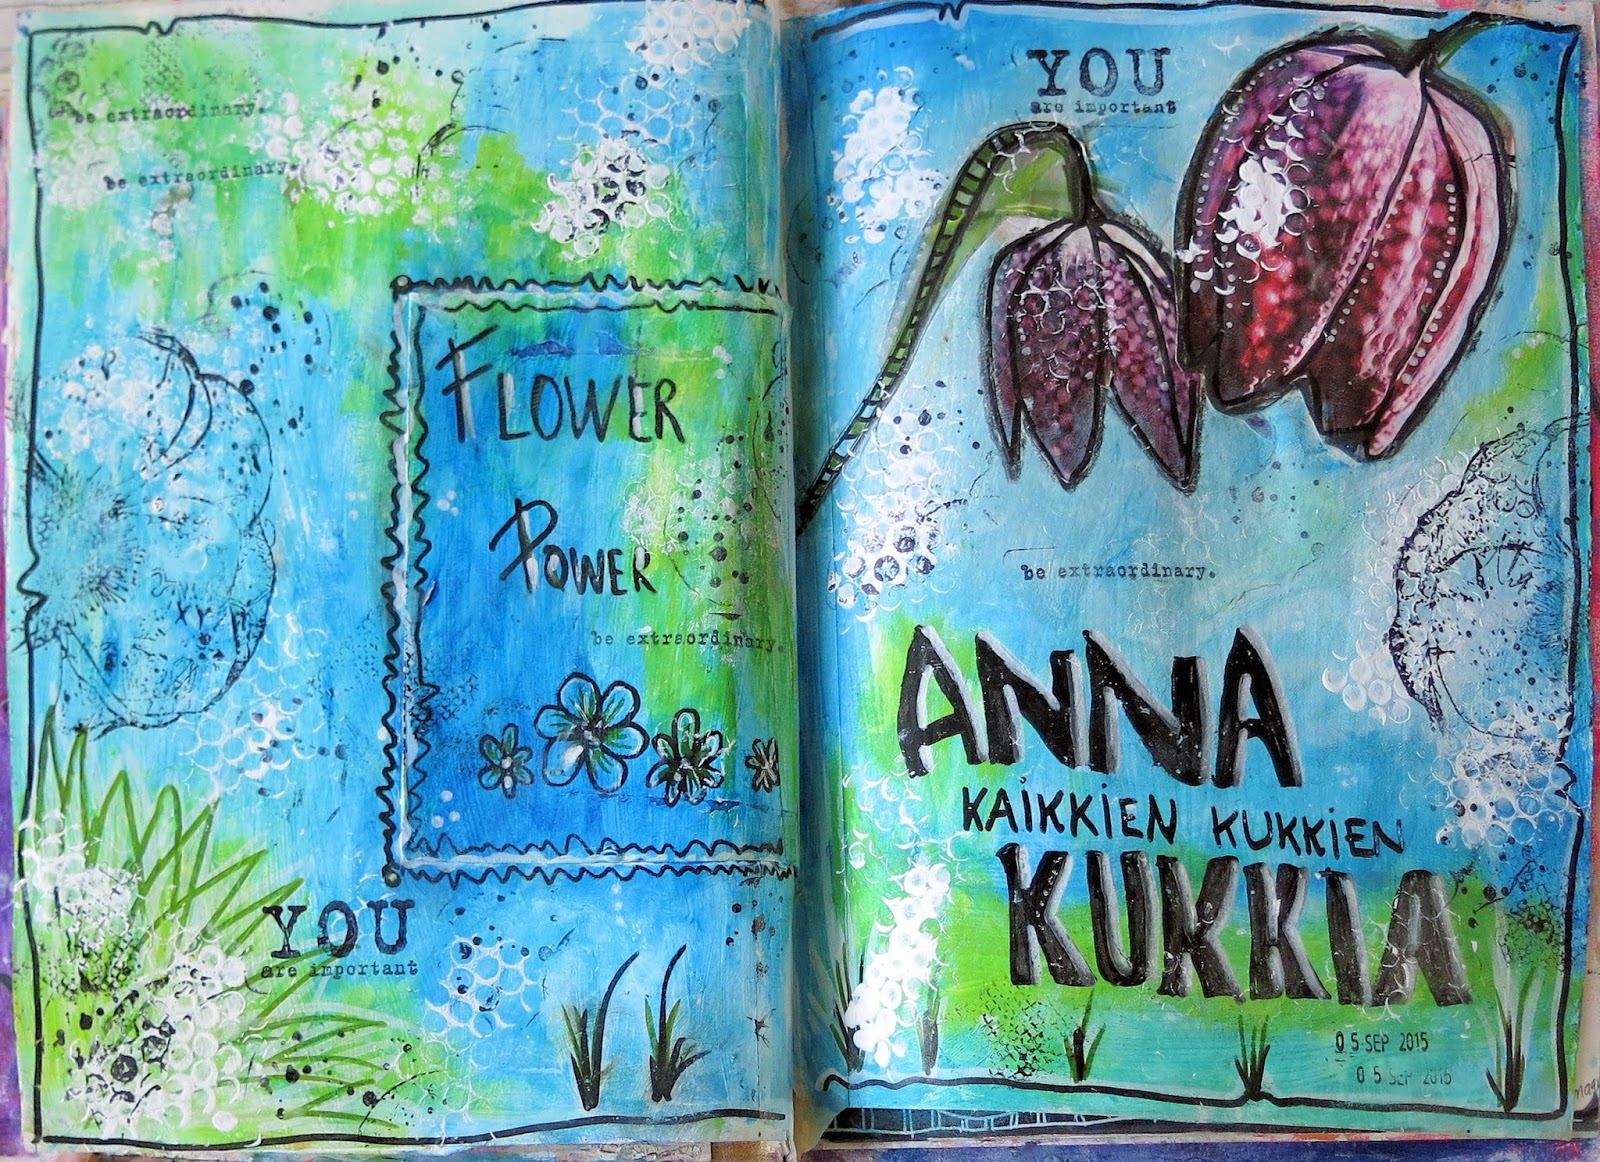 Anna Kaikkien Kukkien Kukkia